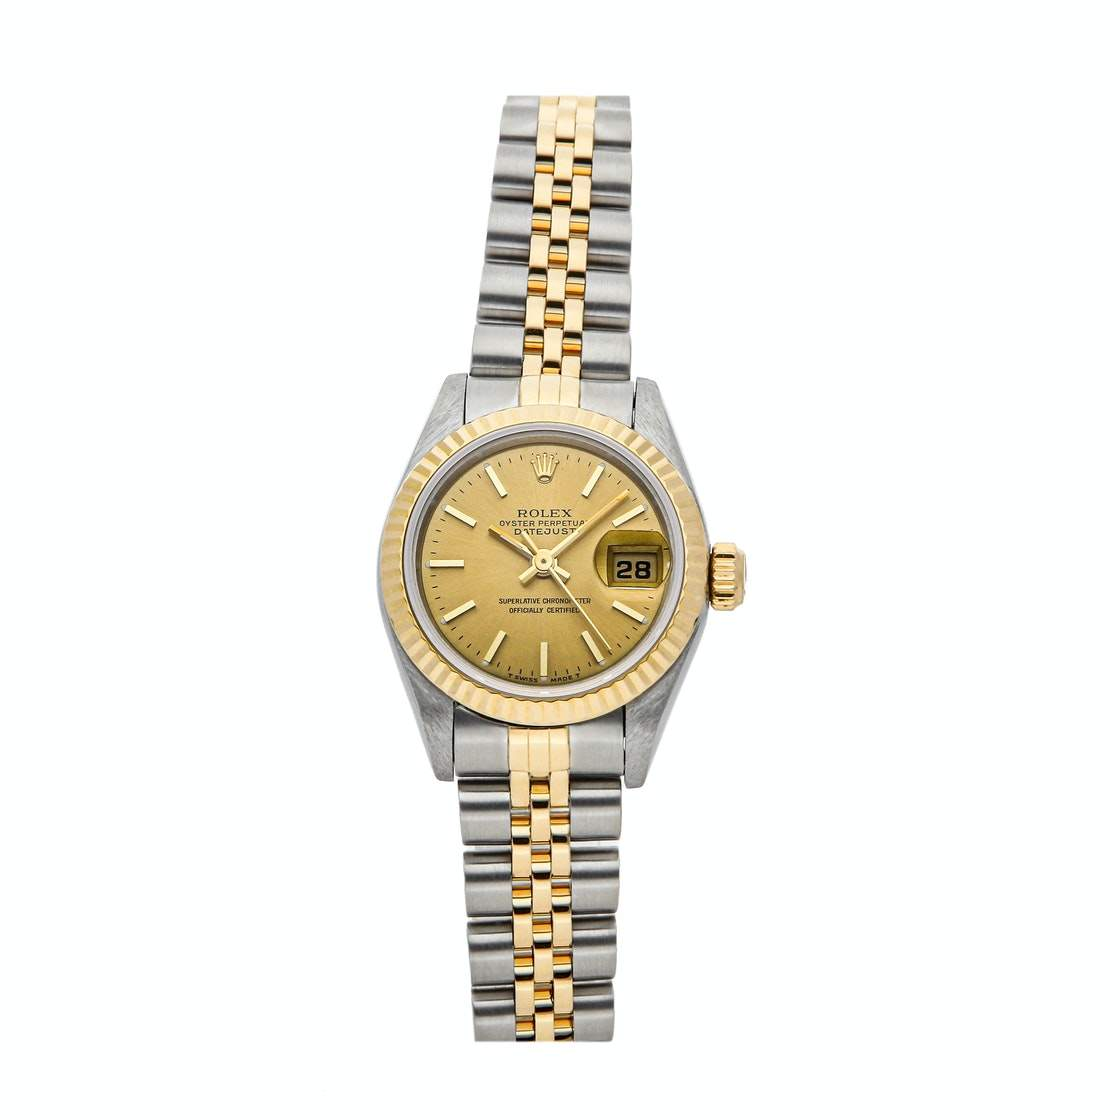 ساعة يد نسائية رولكس ديتجاست ستانلس ستيل وذهب أصفر عيار 18 بيج فاتحة 26 مم